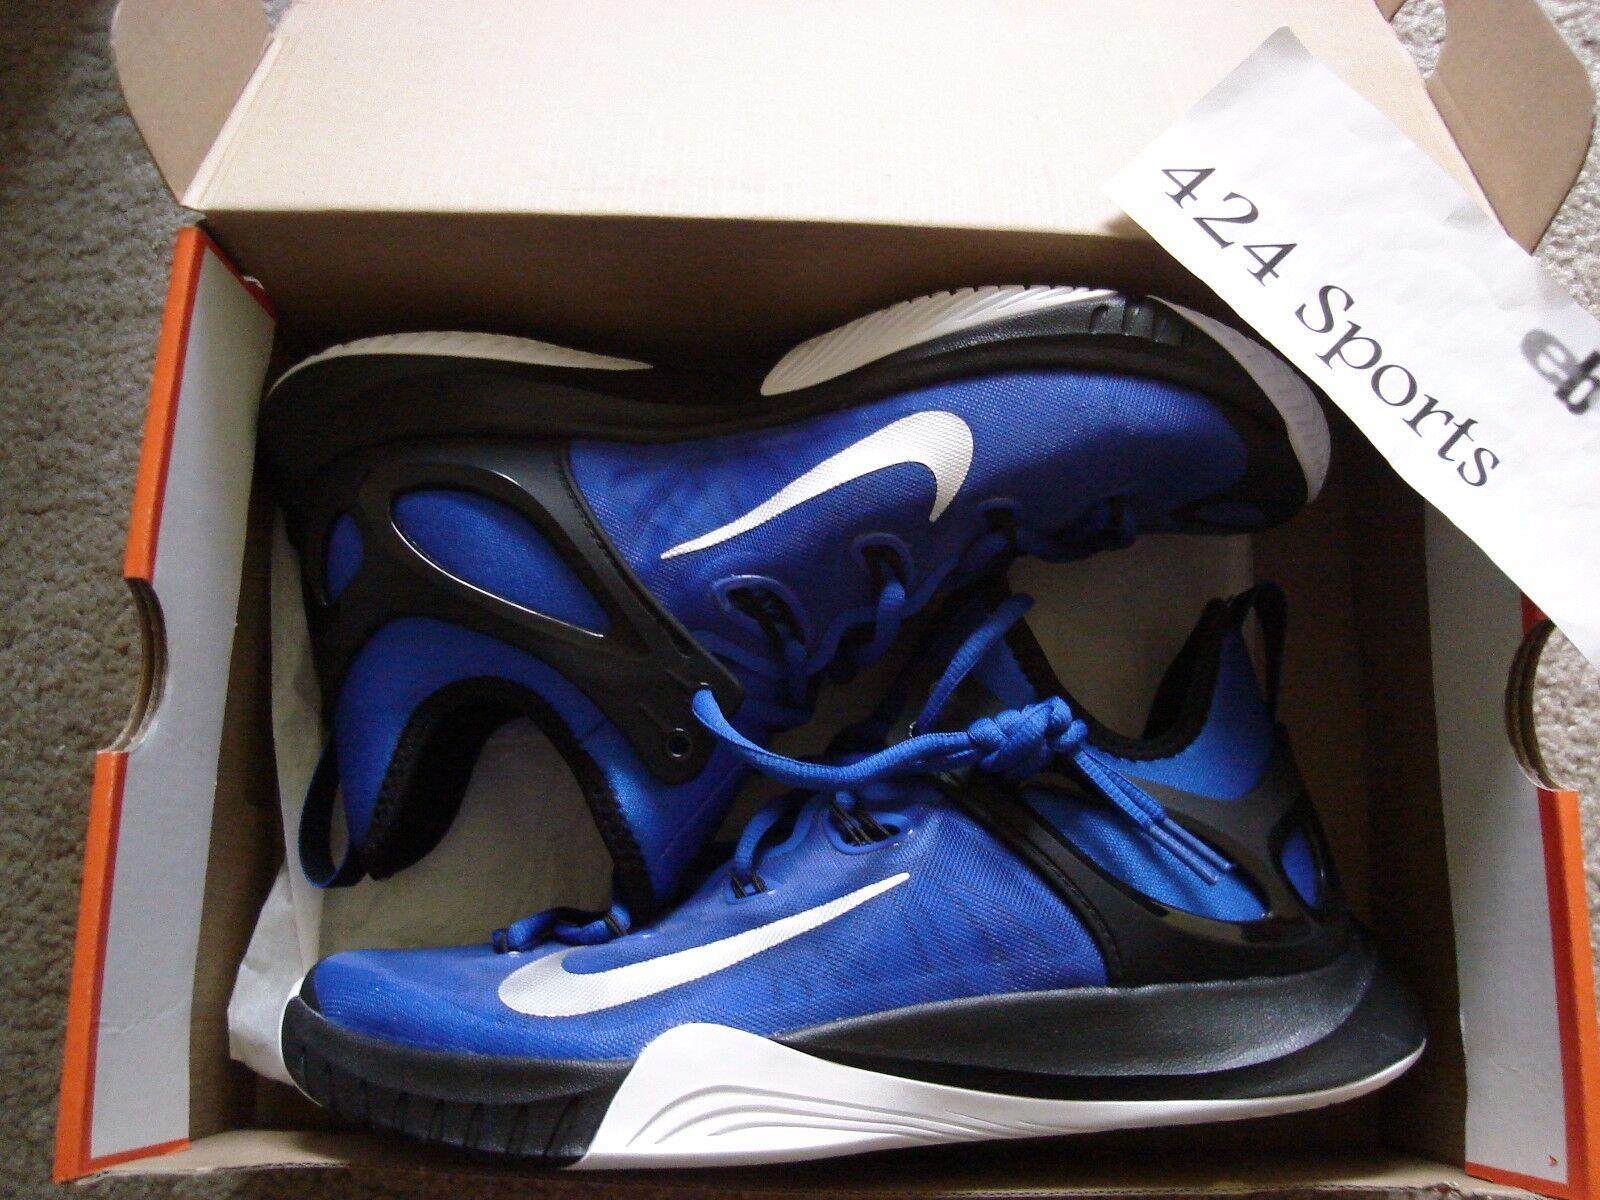 Nike zoom hyperrev 2015 größe 8,5 8,5 größe blau - schwarz weiße nba 705370 400 647f98